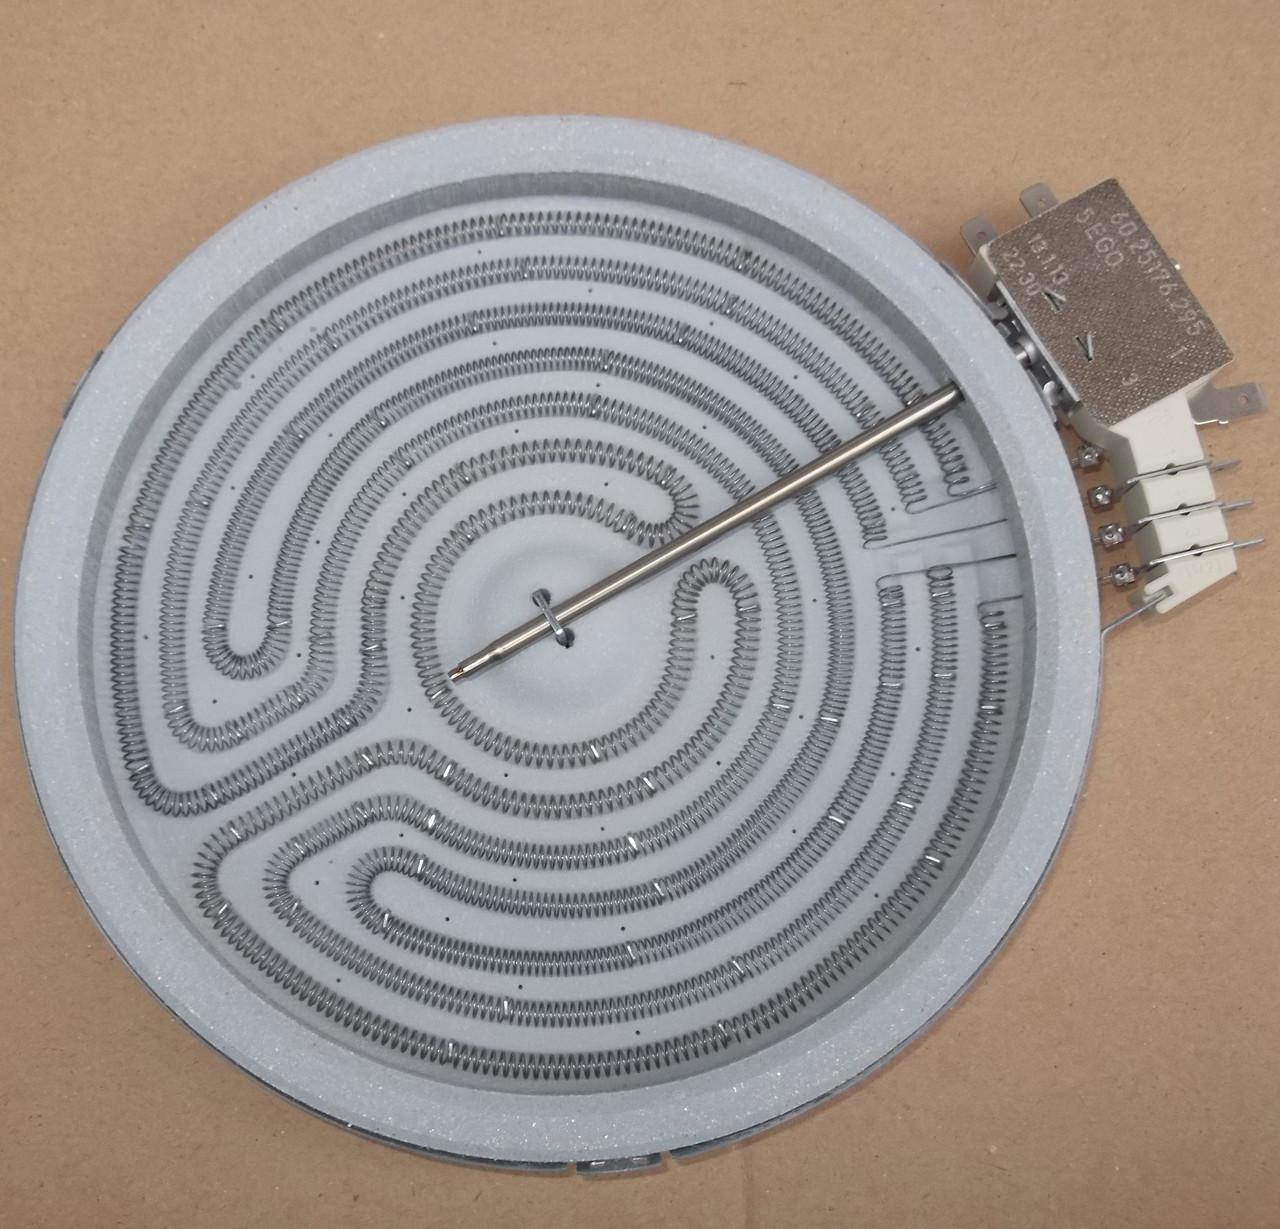 Конфорка для стеклокерамической плиты 1700 Вт (средняя)